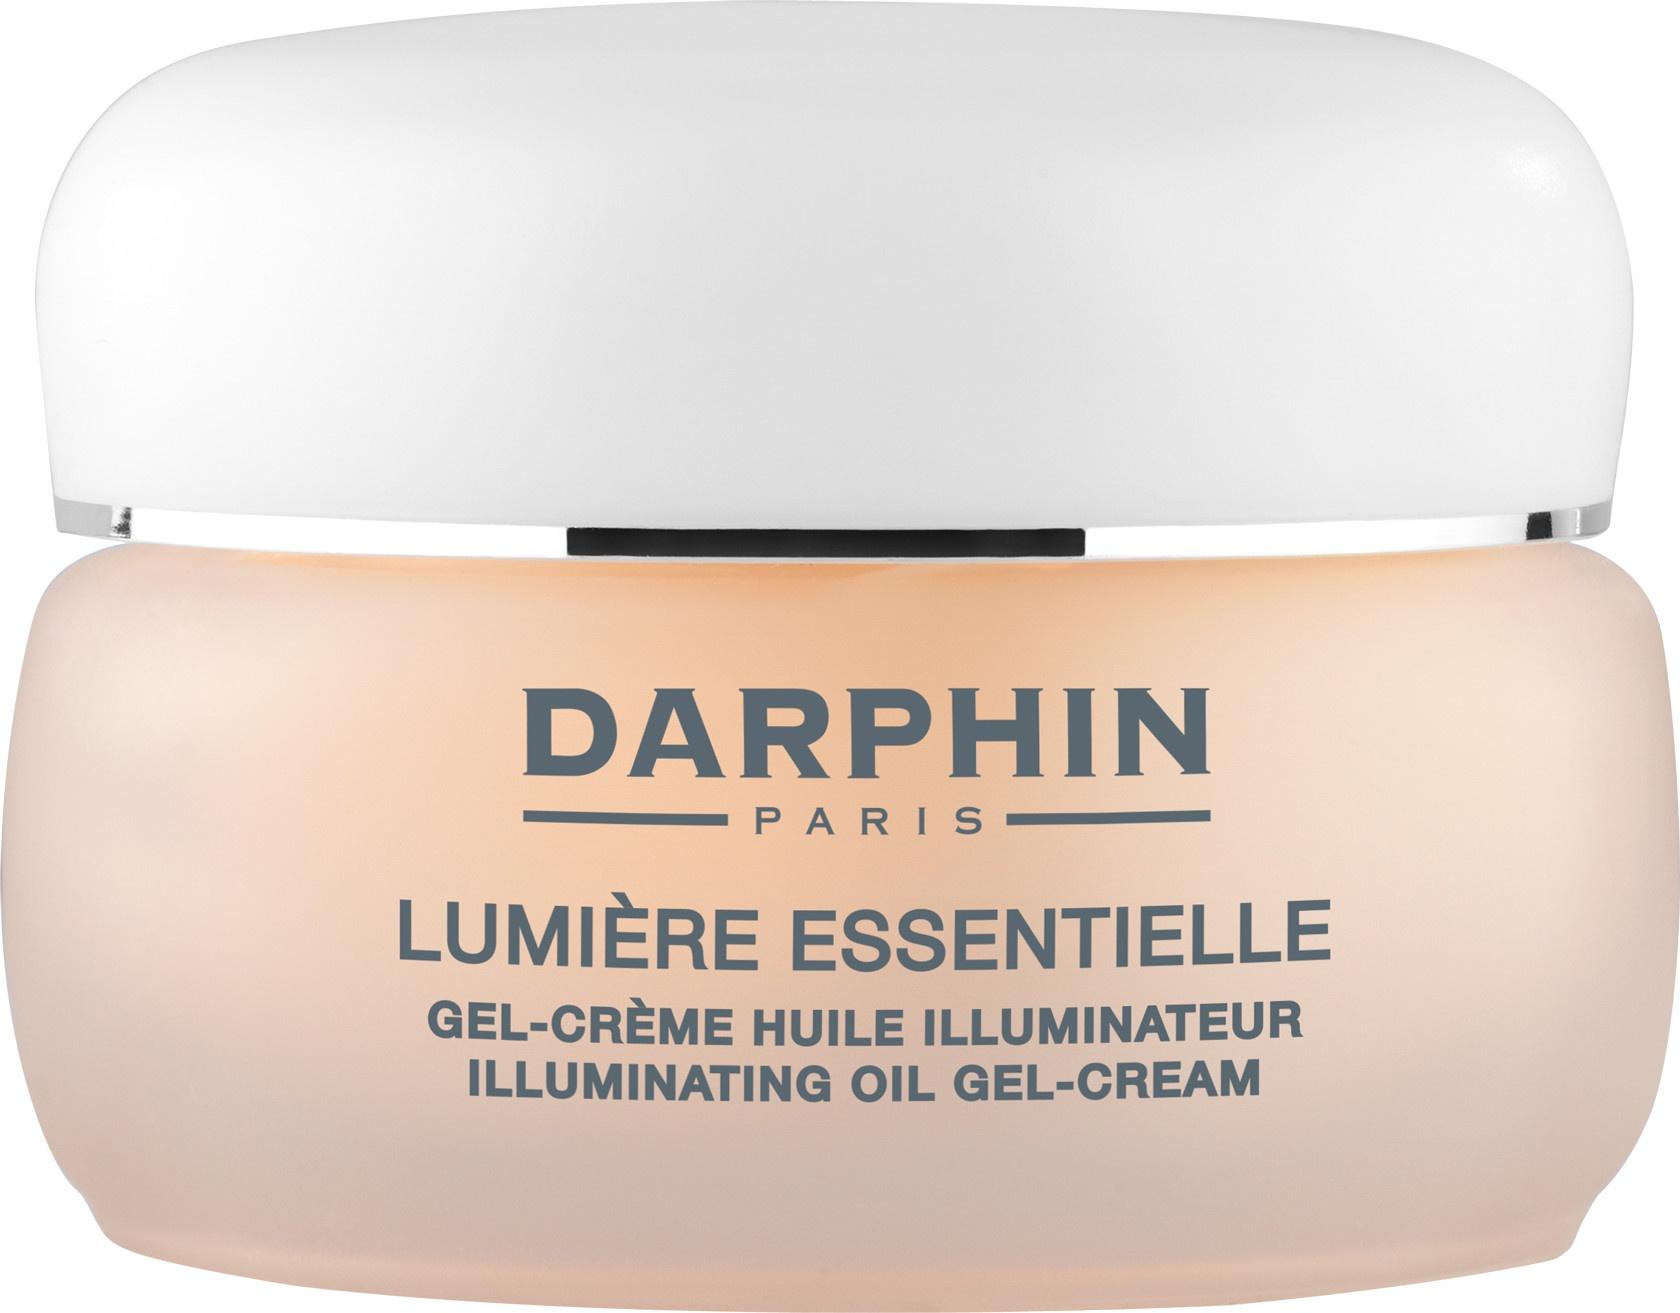 Darphin Lumière Essentielle Oil Gel-Cream